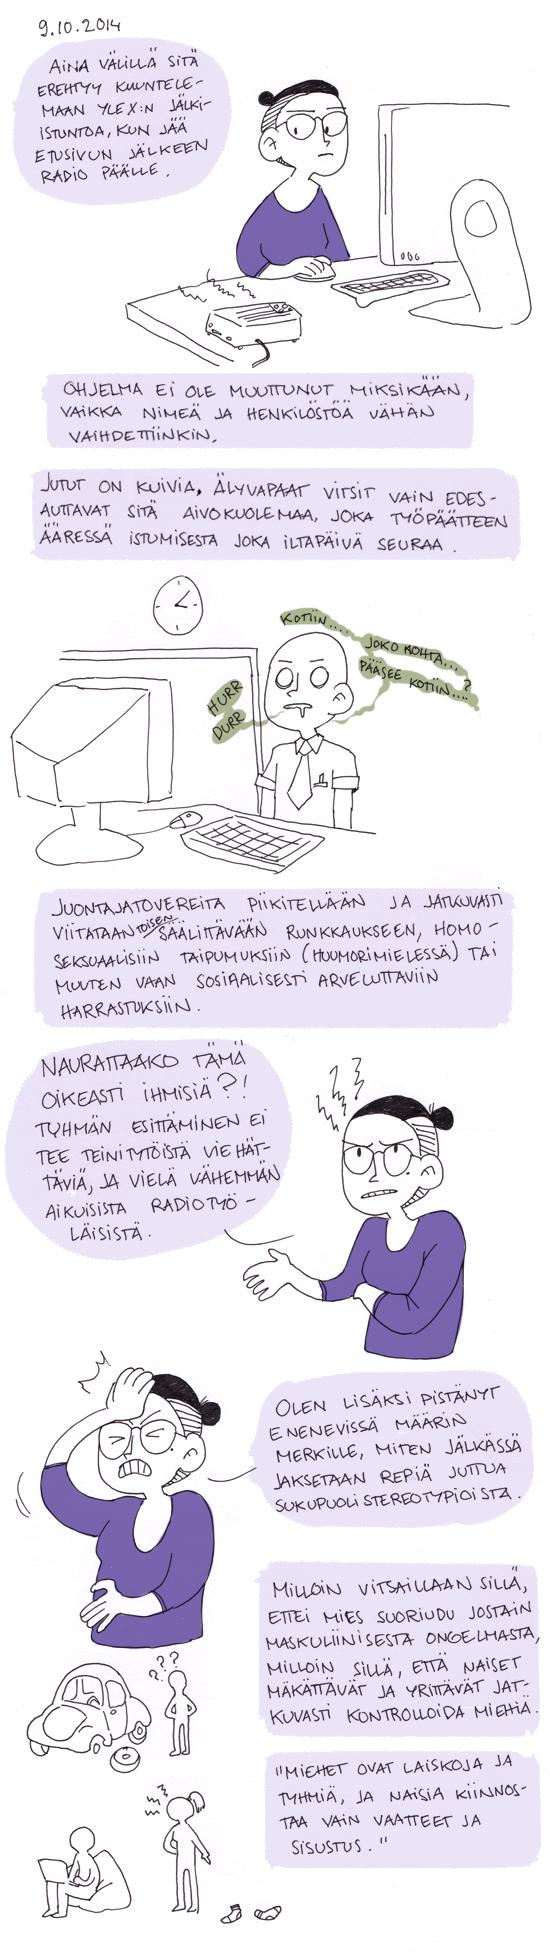 jalkka1